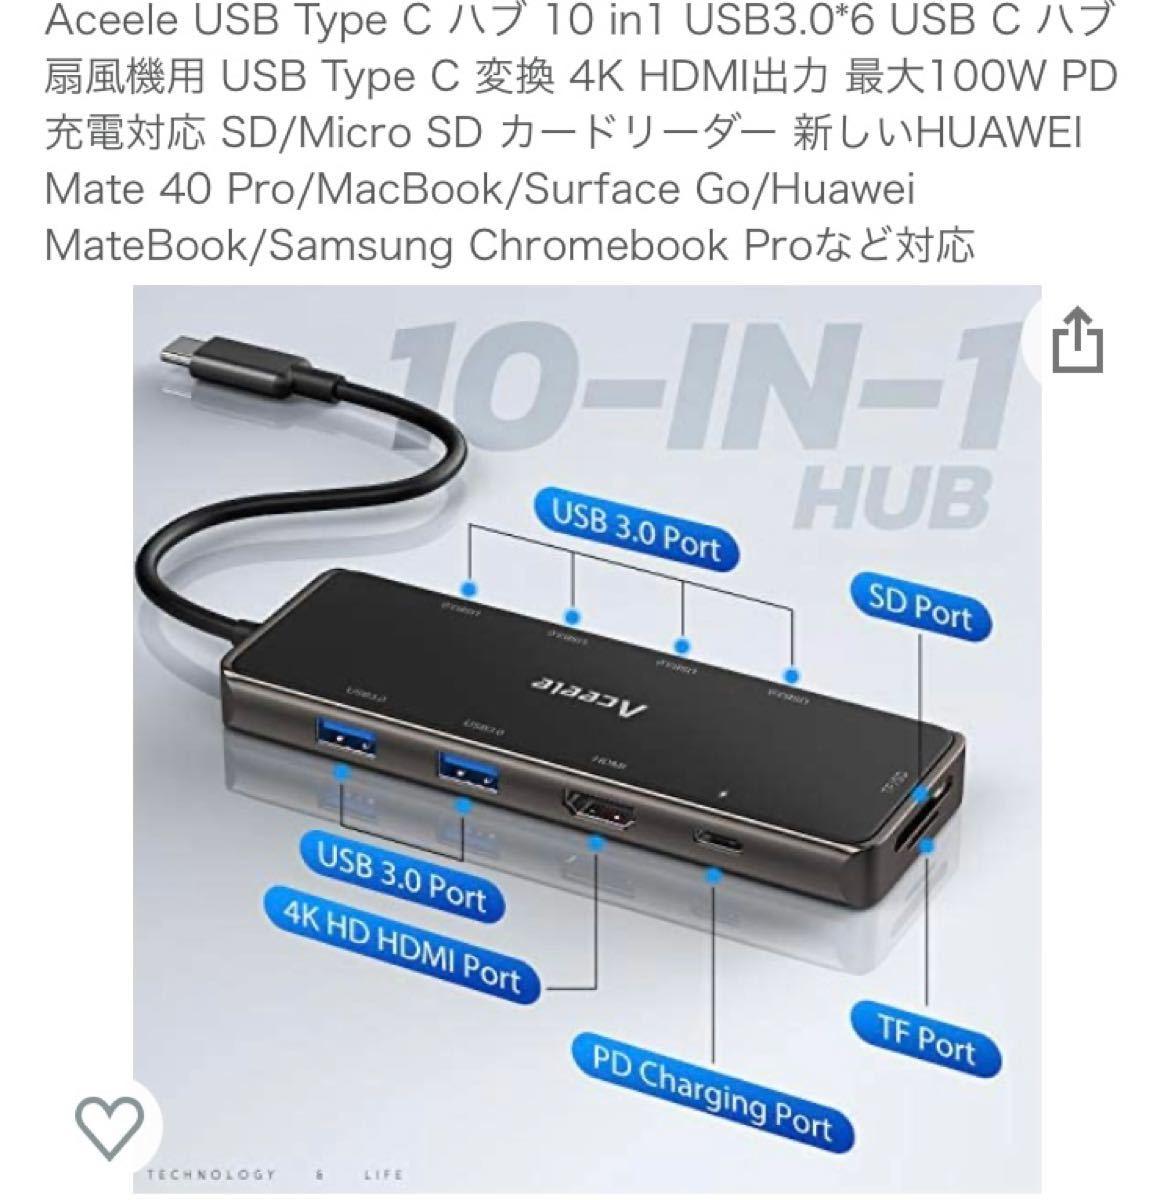 Aceele USB Type C ハブ 10 in1